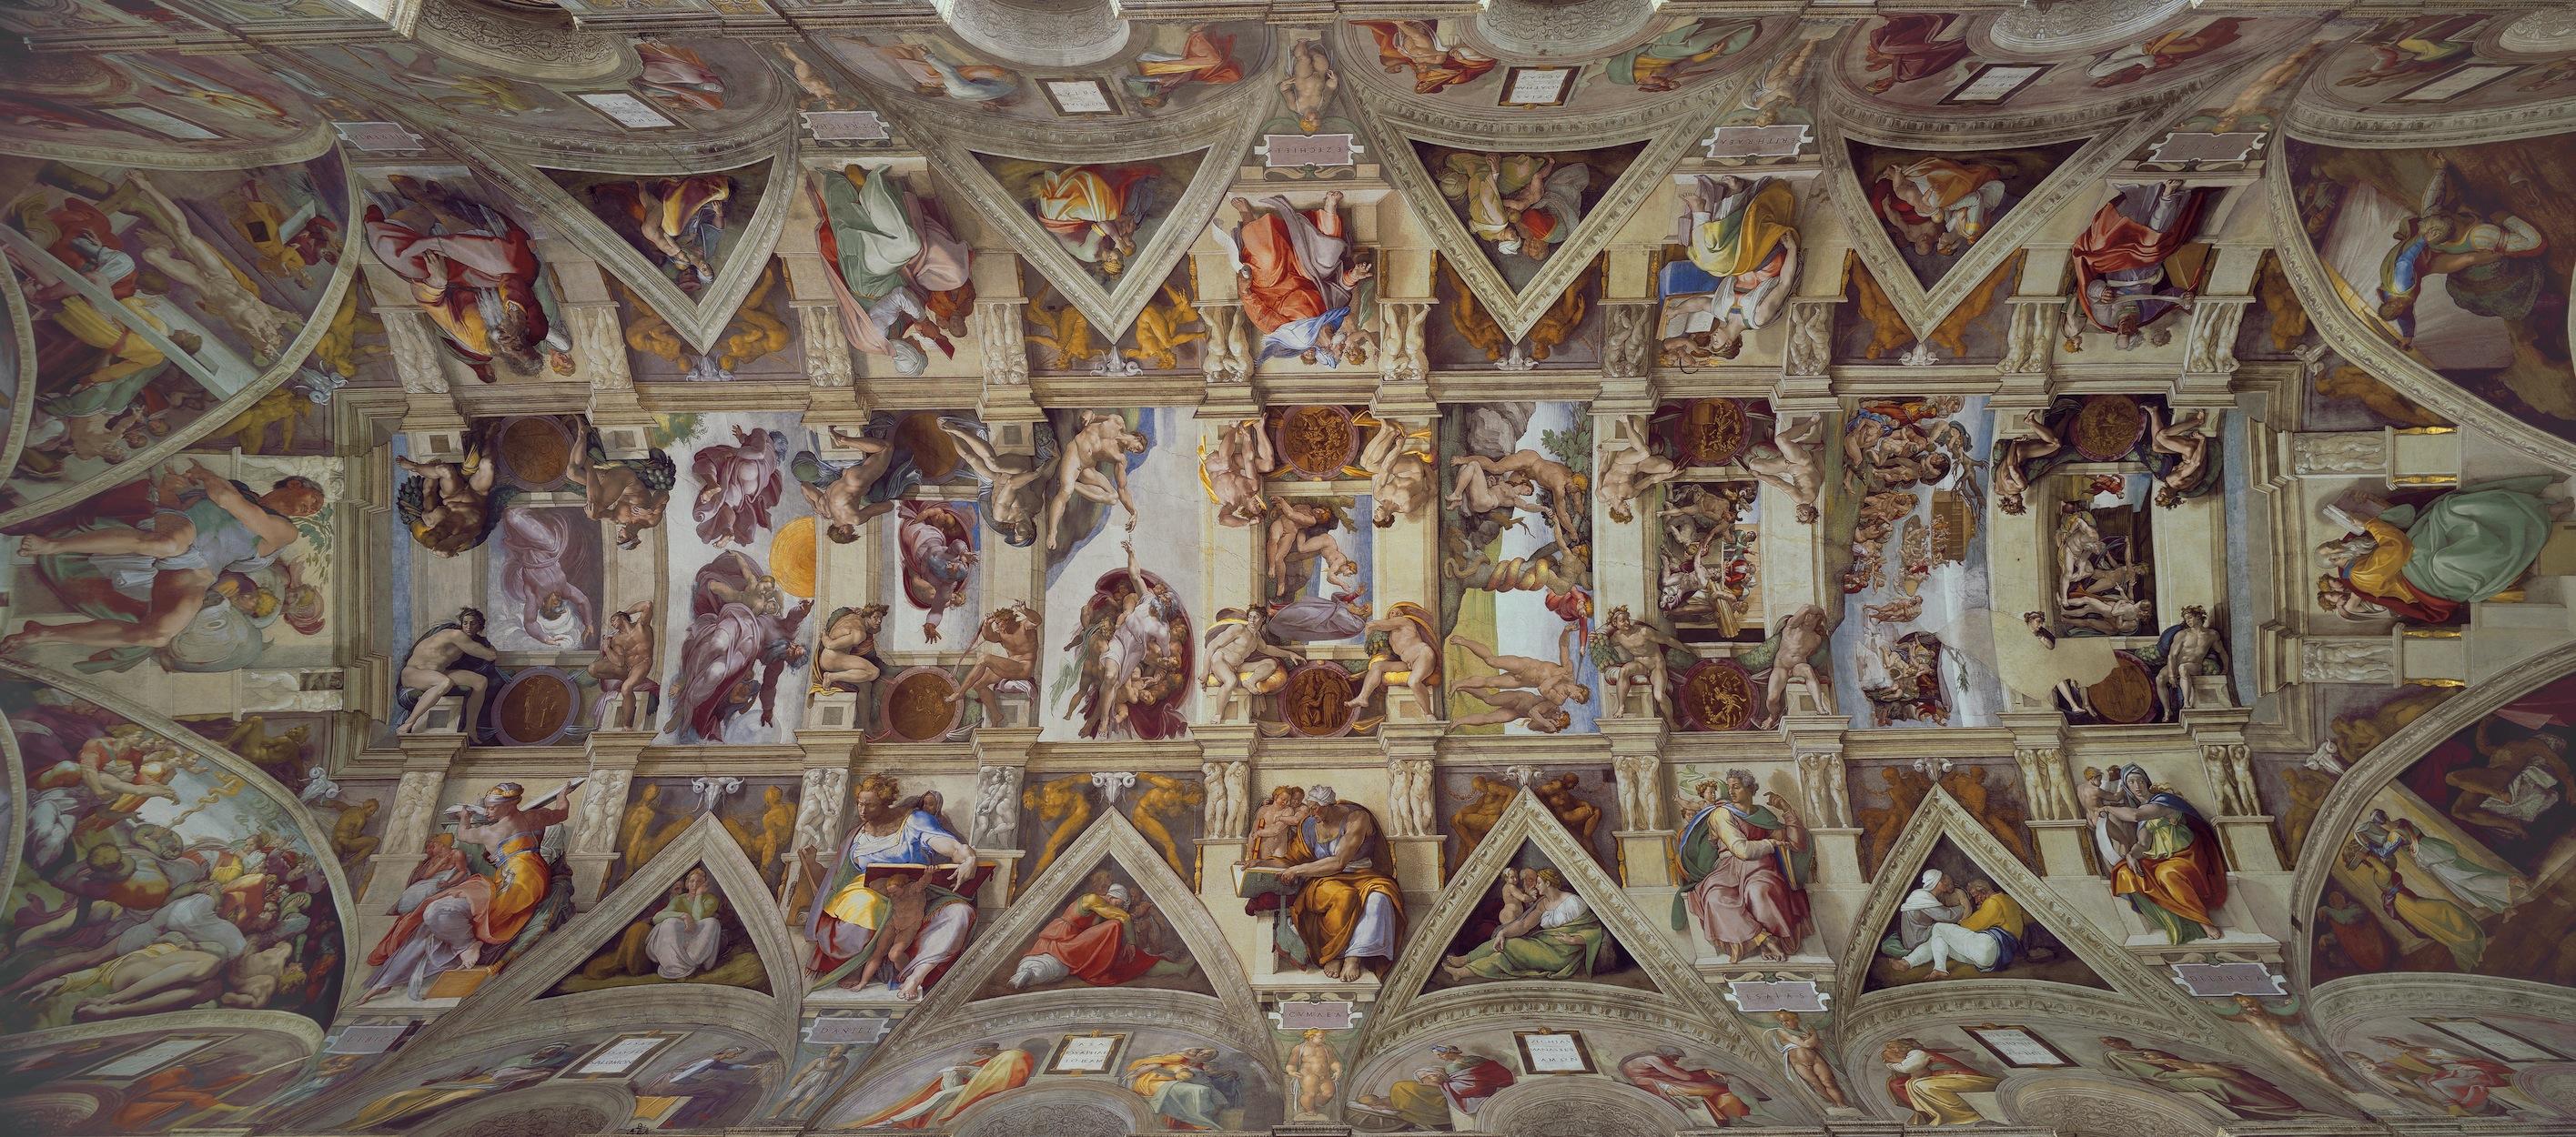 Chapelle Sixtine papier peint